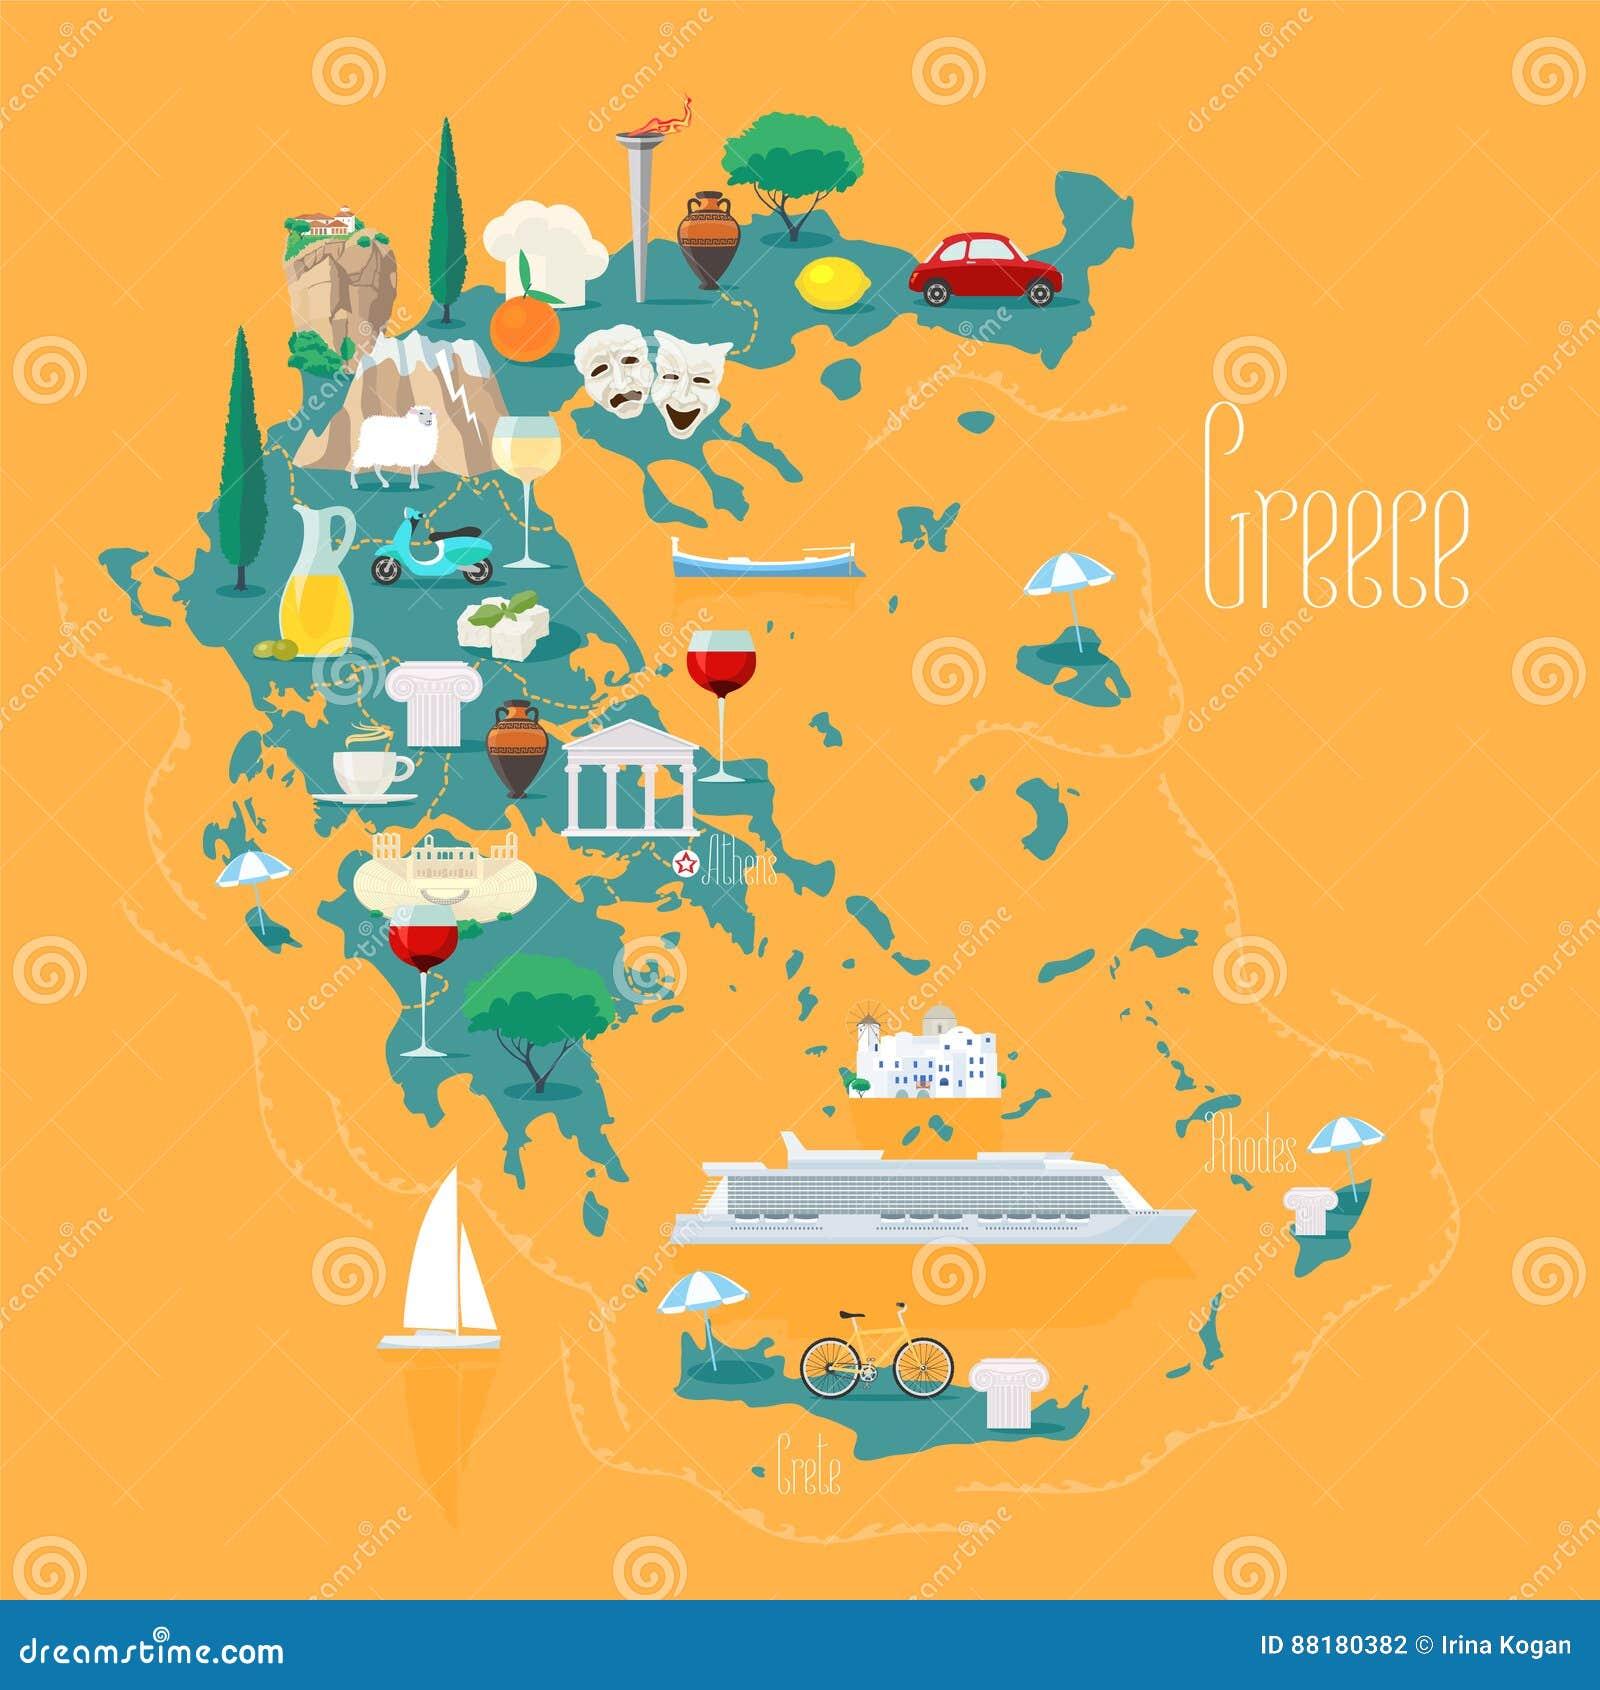 Karte Griechenland.Karte Von Griechenland Mit Inseln Vector Illustration